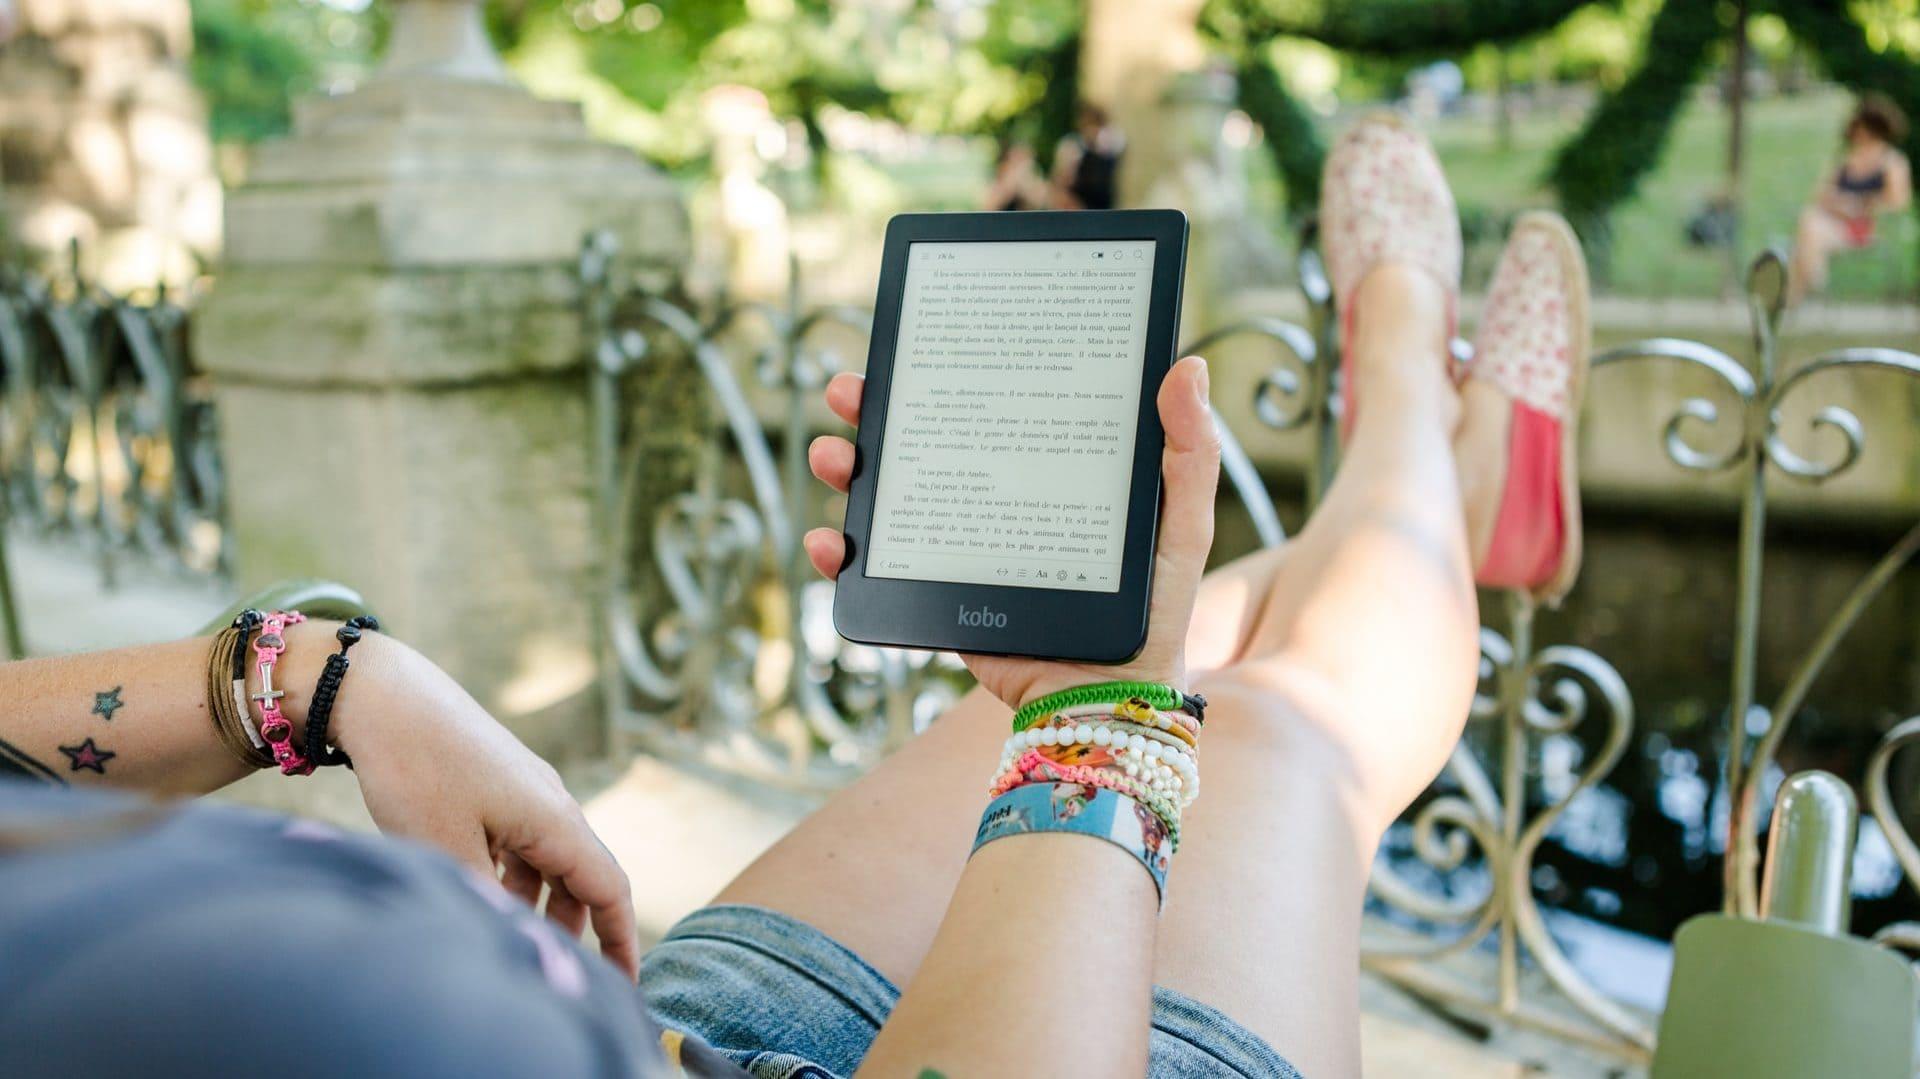 Iemand die in de tuin een e-book leest